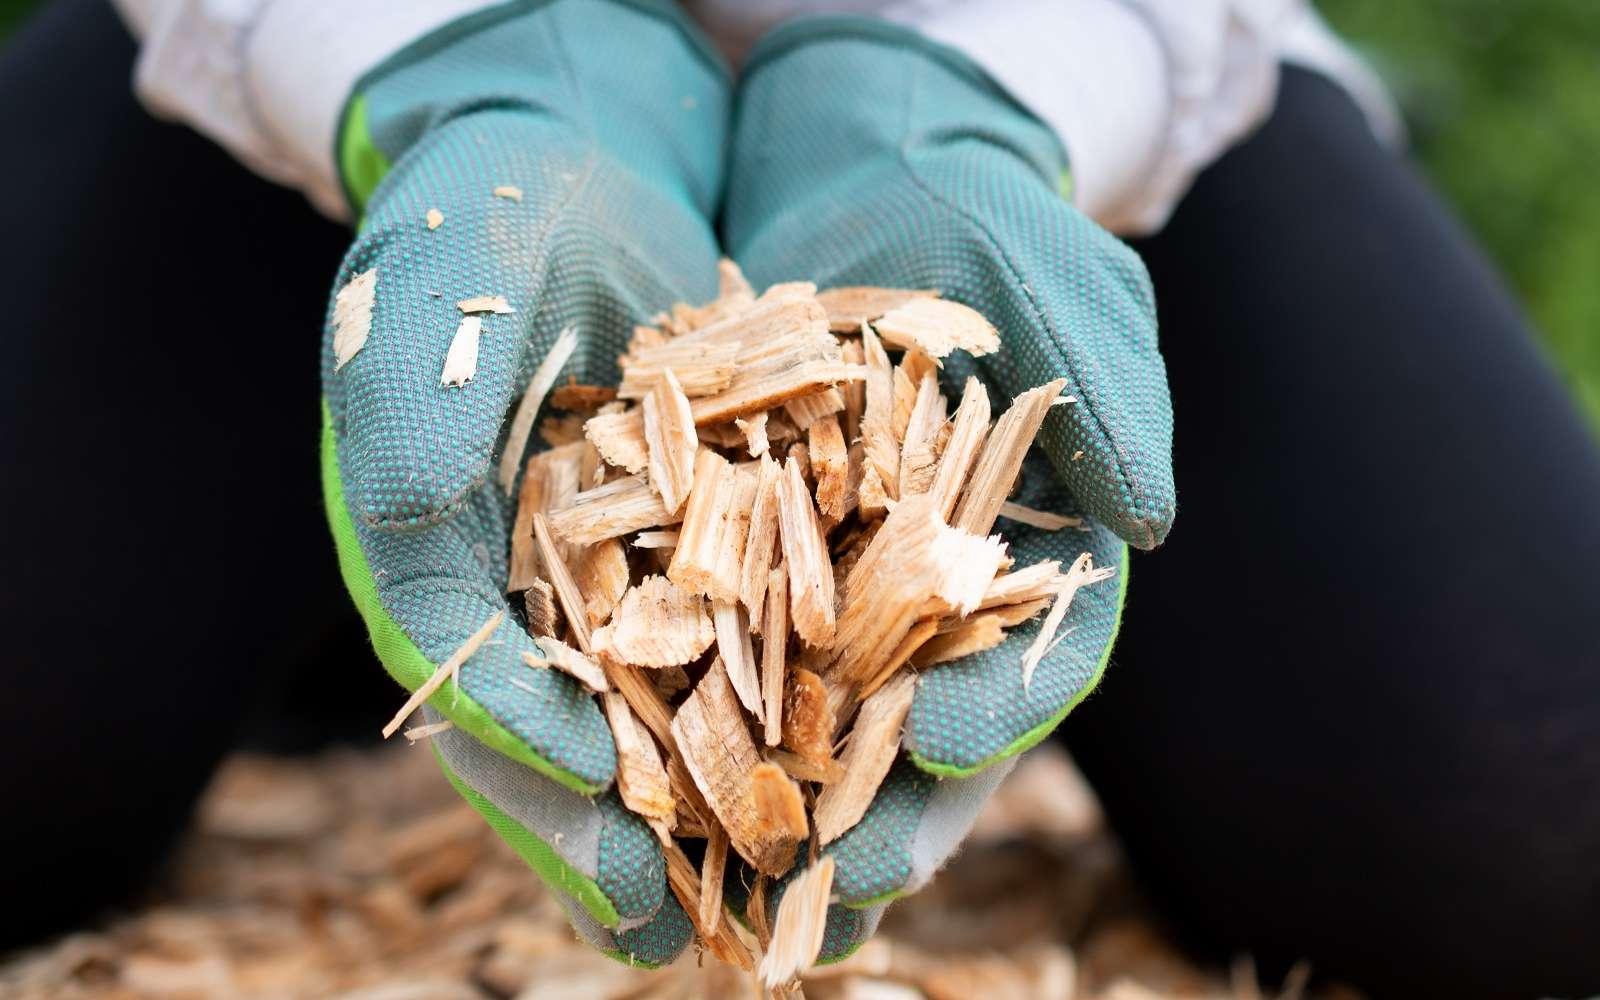 Le BRF, un paillis végétal à réaliser soi-même. © s-motive, Adobe Stock